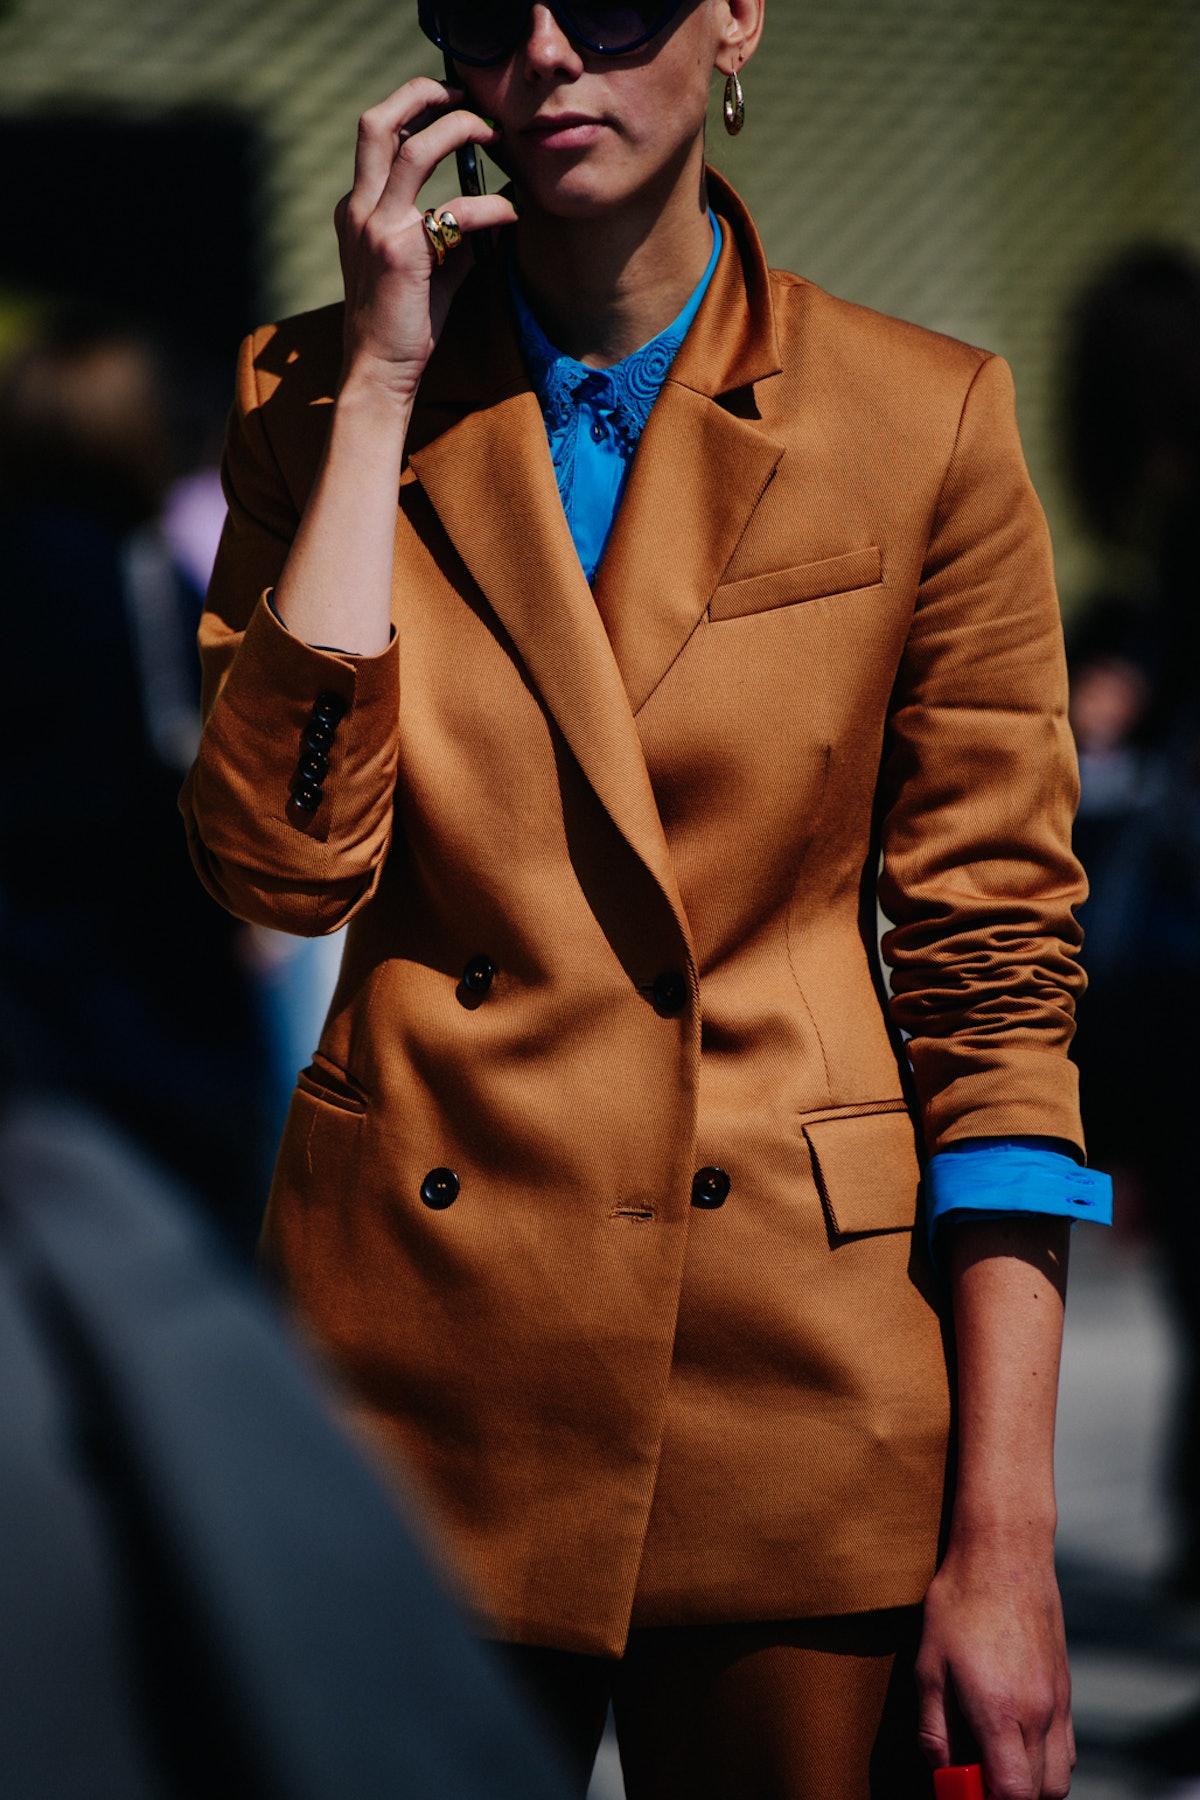 Adam-Katz-Sinding-W-Magazine-Copenhagen-Fashion-Week-Spring-Summer-2020_AKS3582.jpg